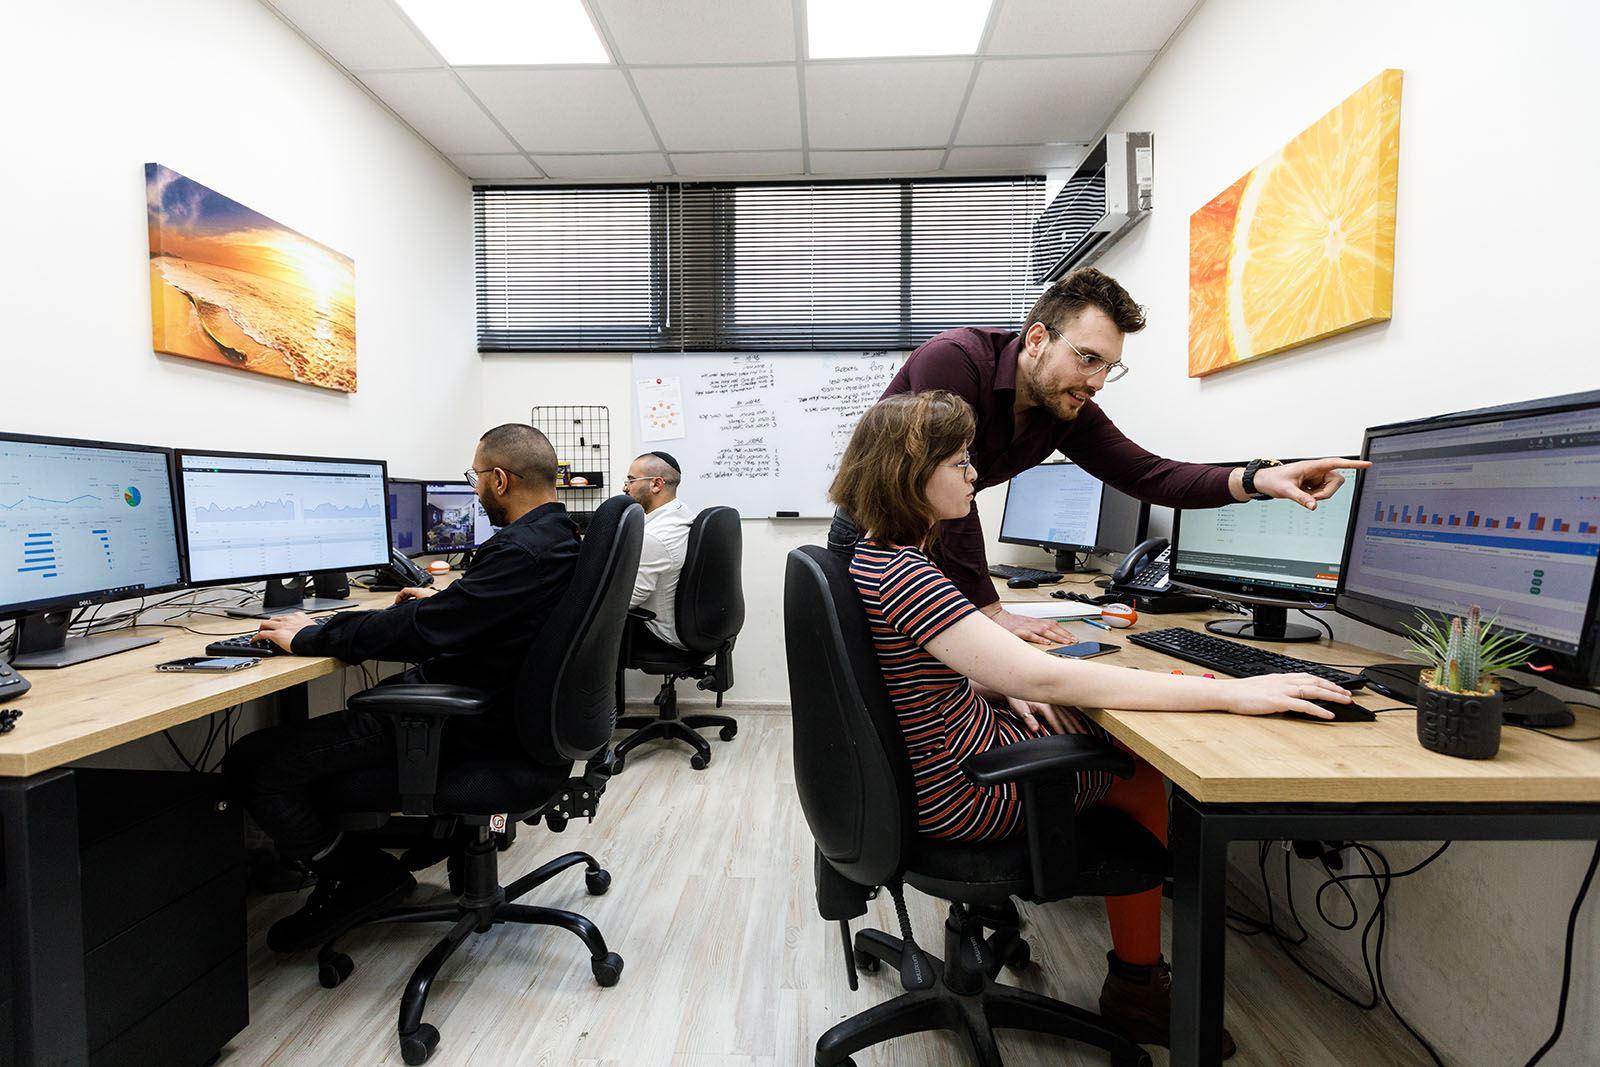 חדר שיווק דיגיטלי בפעולה